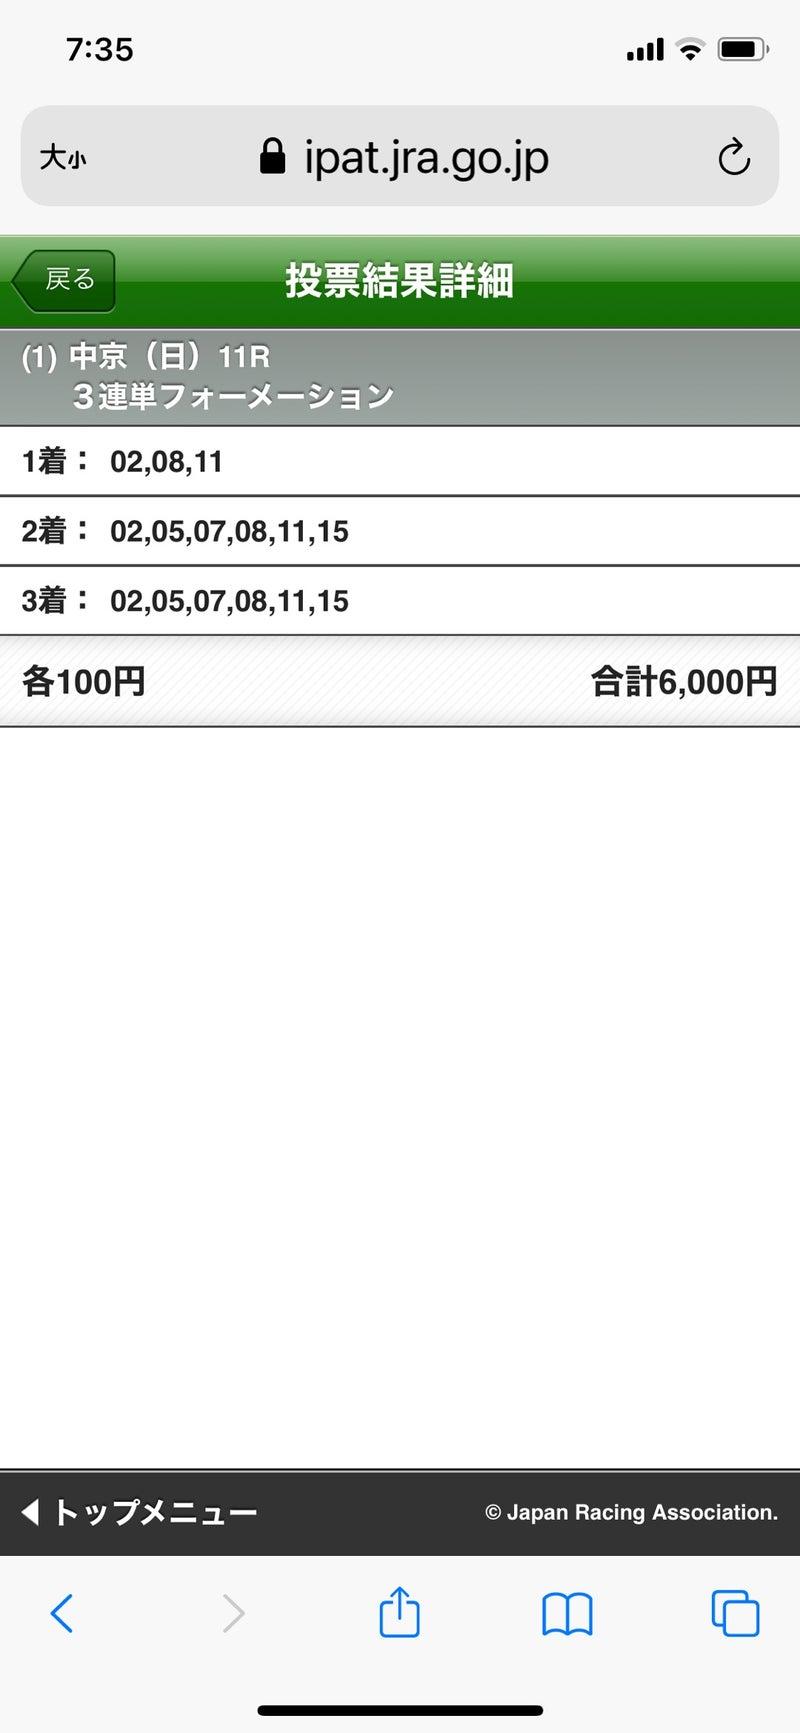 2020 中京 競馬 場